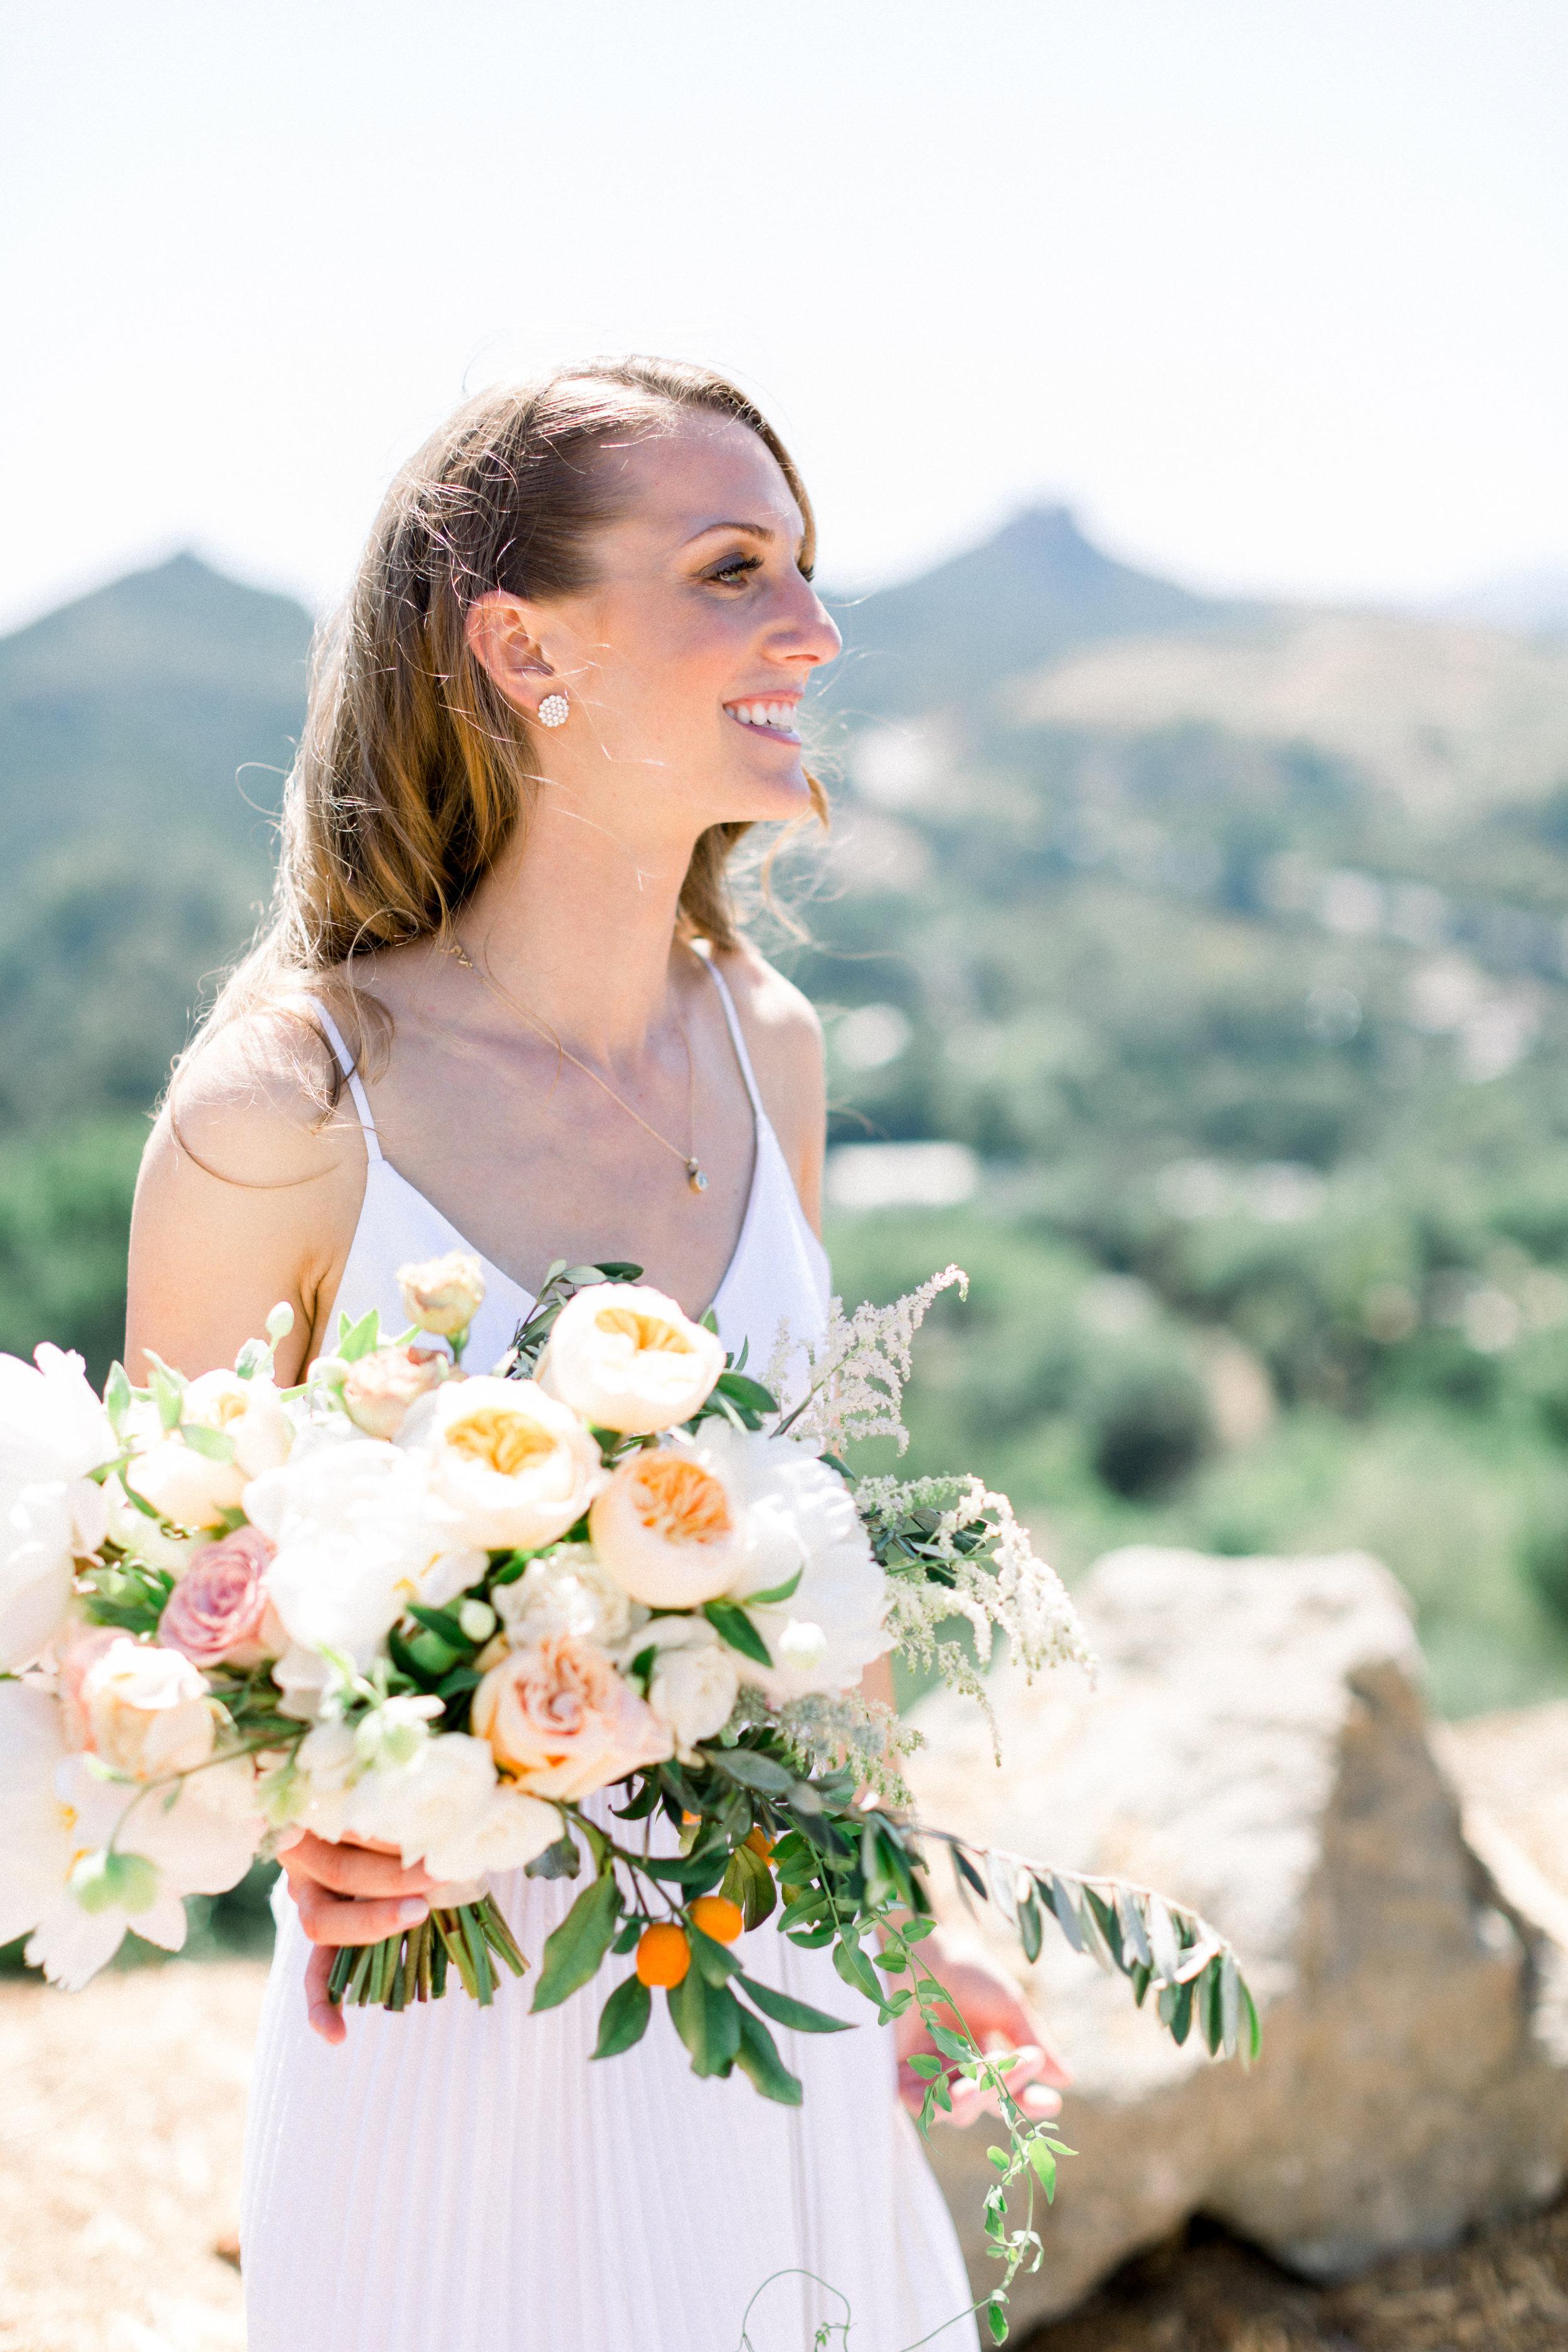 Bridal Bouqet   www.cassandracompany.com    www.taylorcole.com